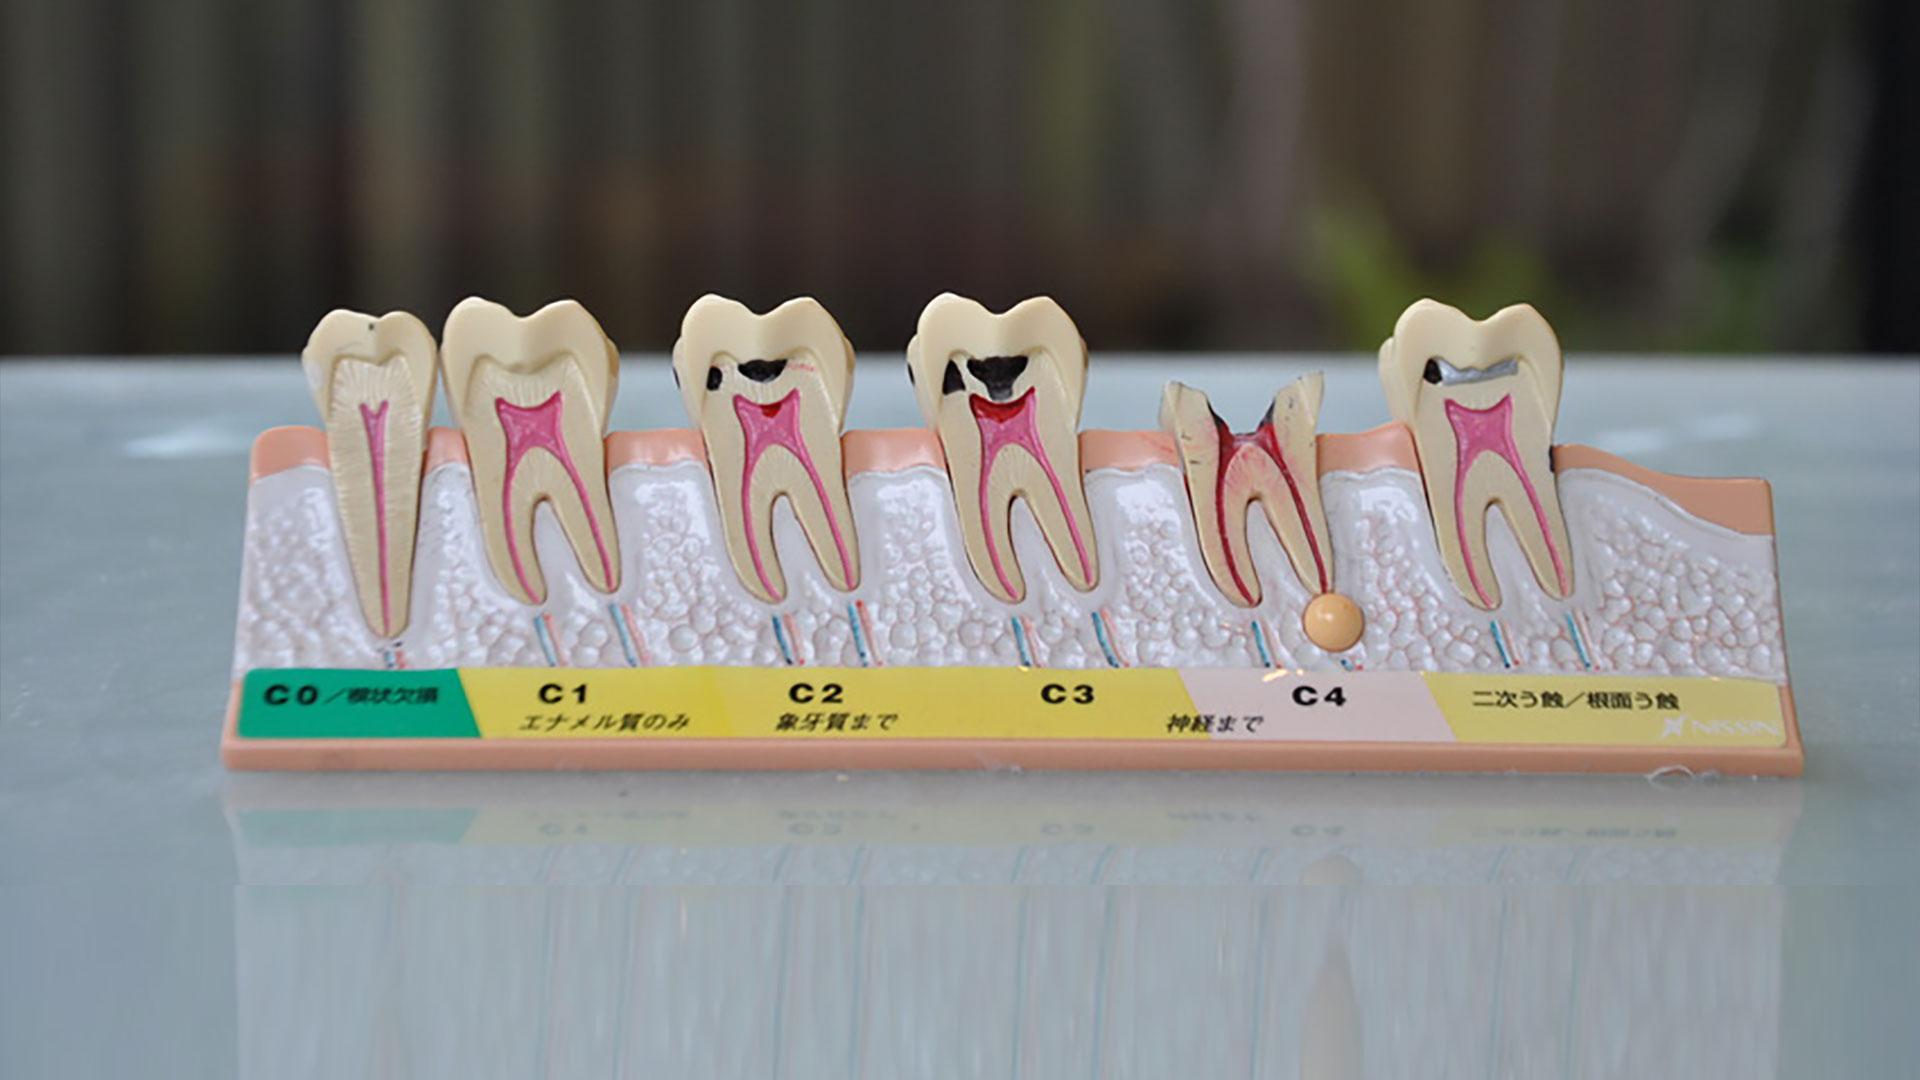 神経 歯 を 抜く の 本当に歯の神経は抜く必要があるの?神経を抜くほどの虫歯と治療法